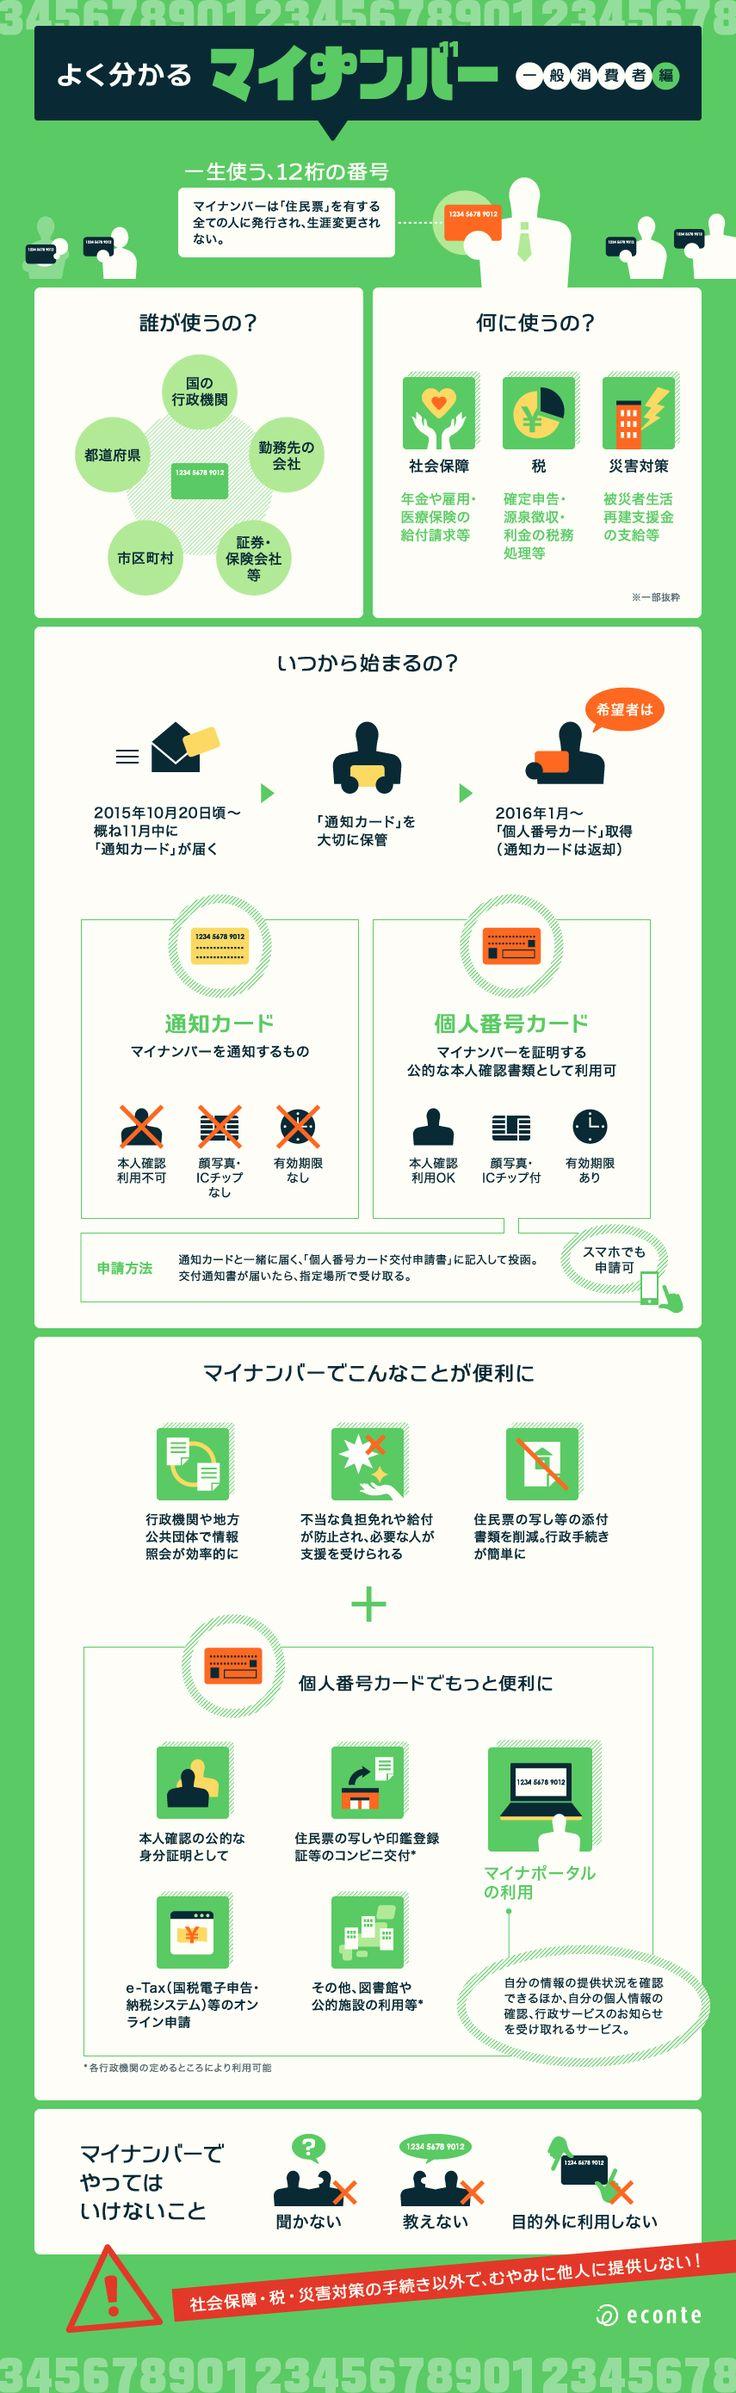 よく分かるマイナンバー 一般消費者編 | infographic.jp - インフォグラフィックス by econte